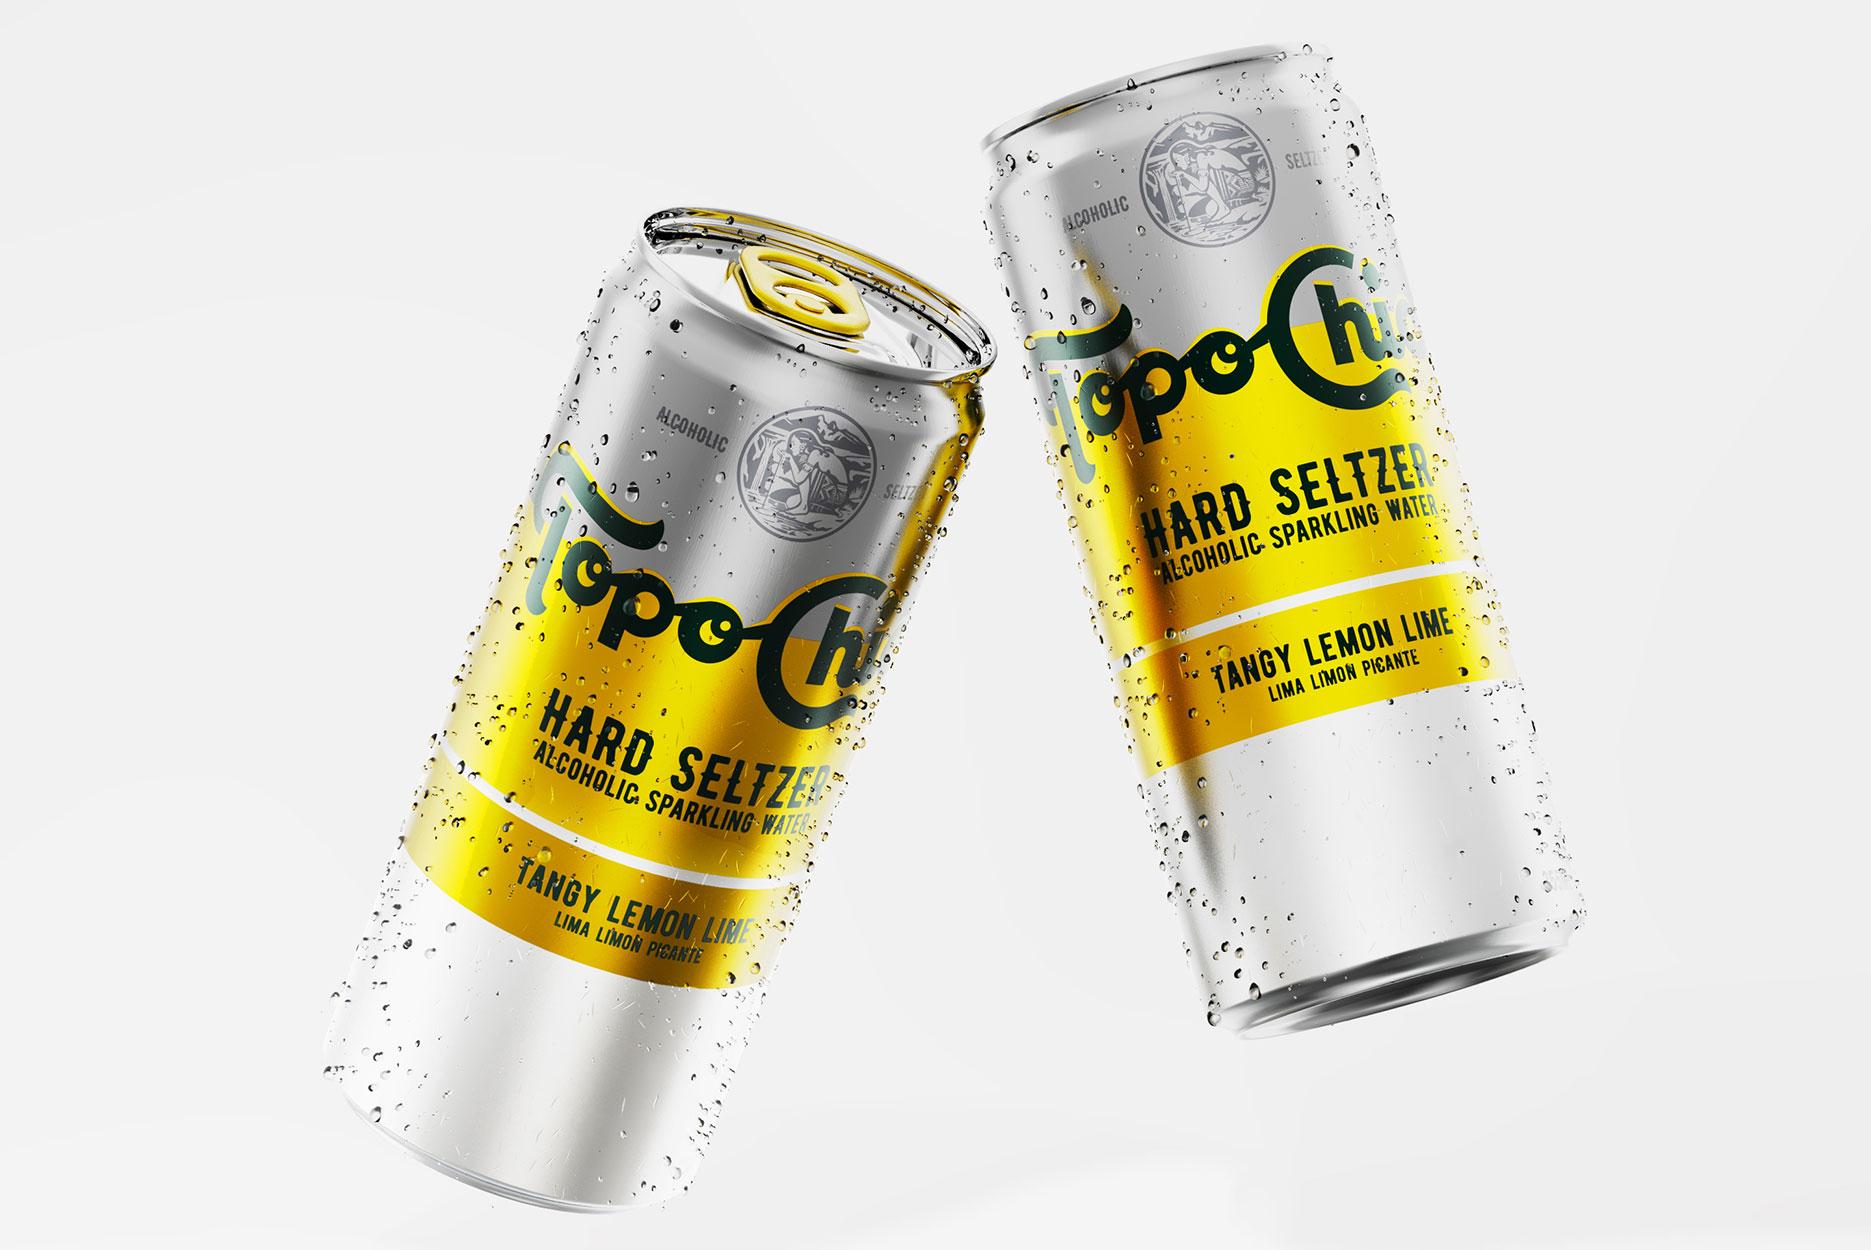 可口可乐公司的Topo Chico实验性饮料包装设计(墨西哥气泡矿泉水包装设计)